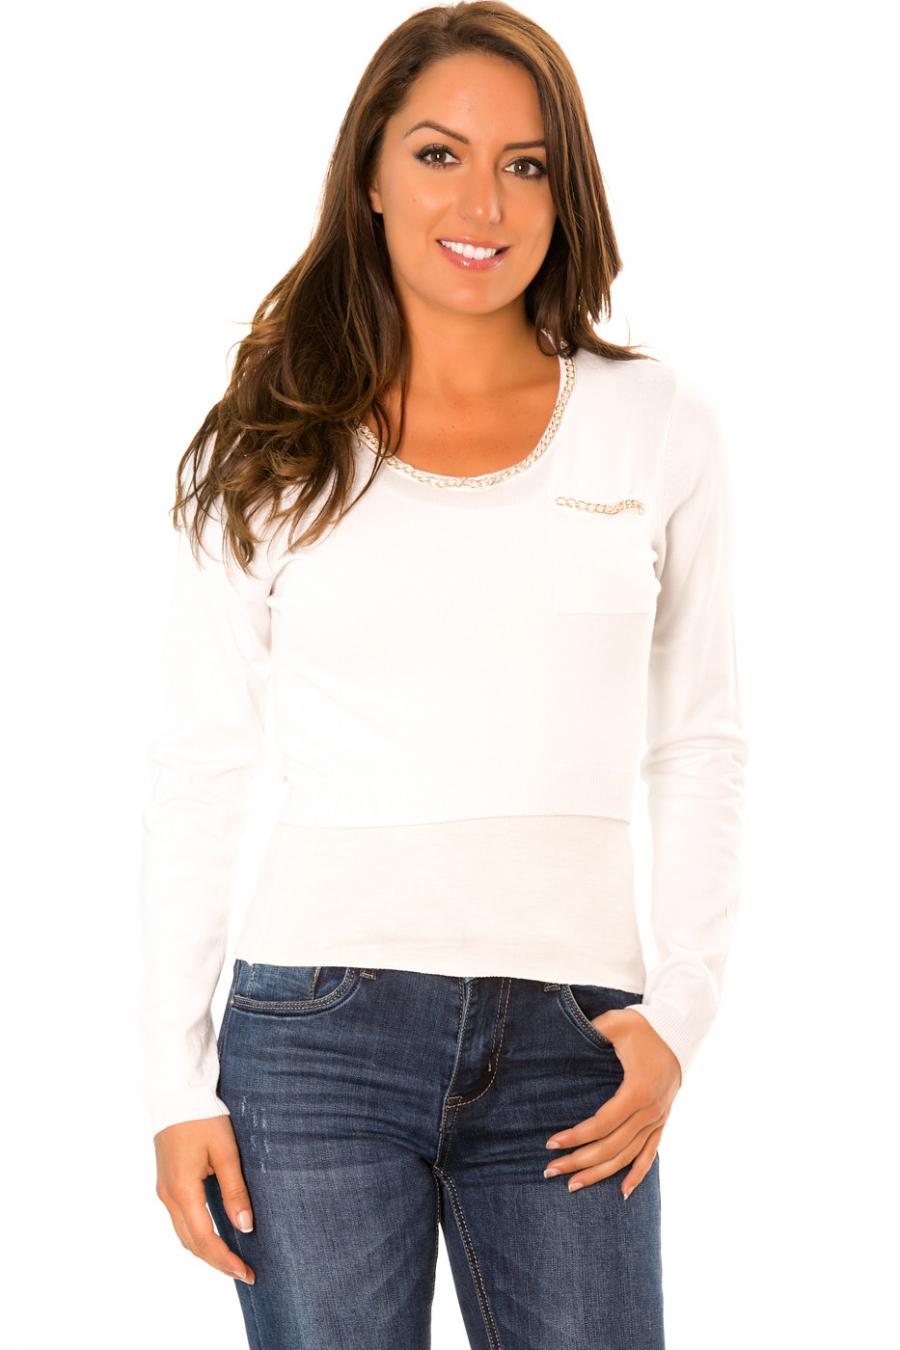 Pull crop top Blanc poches et encolure fantaisie. PU-892